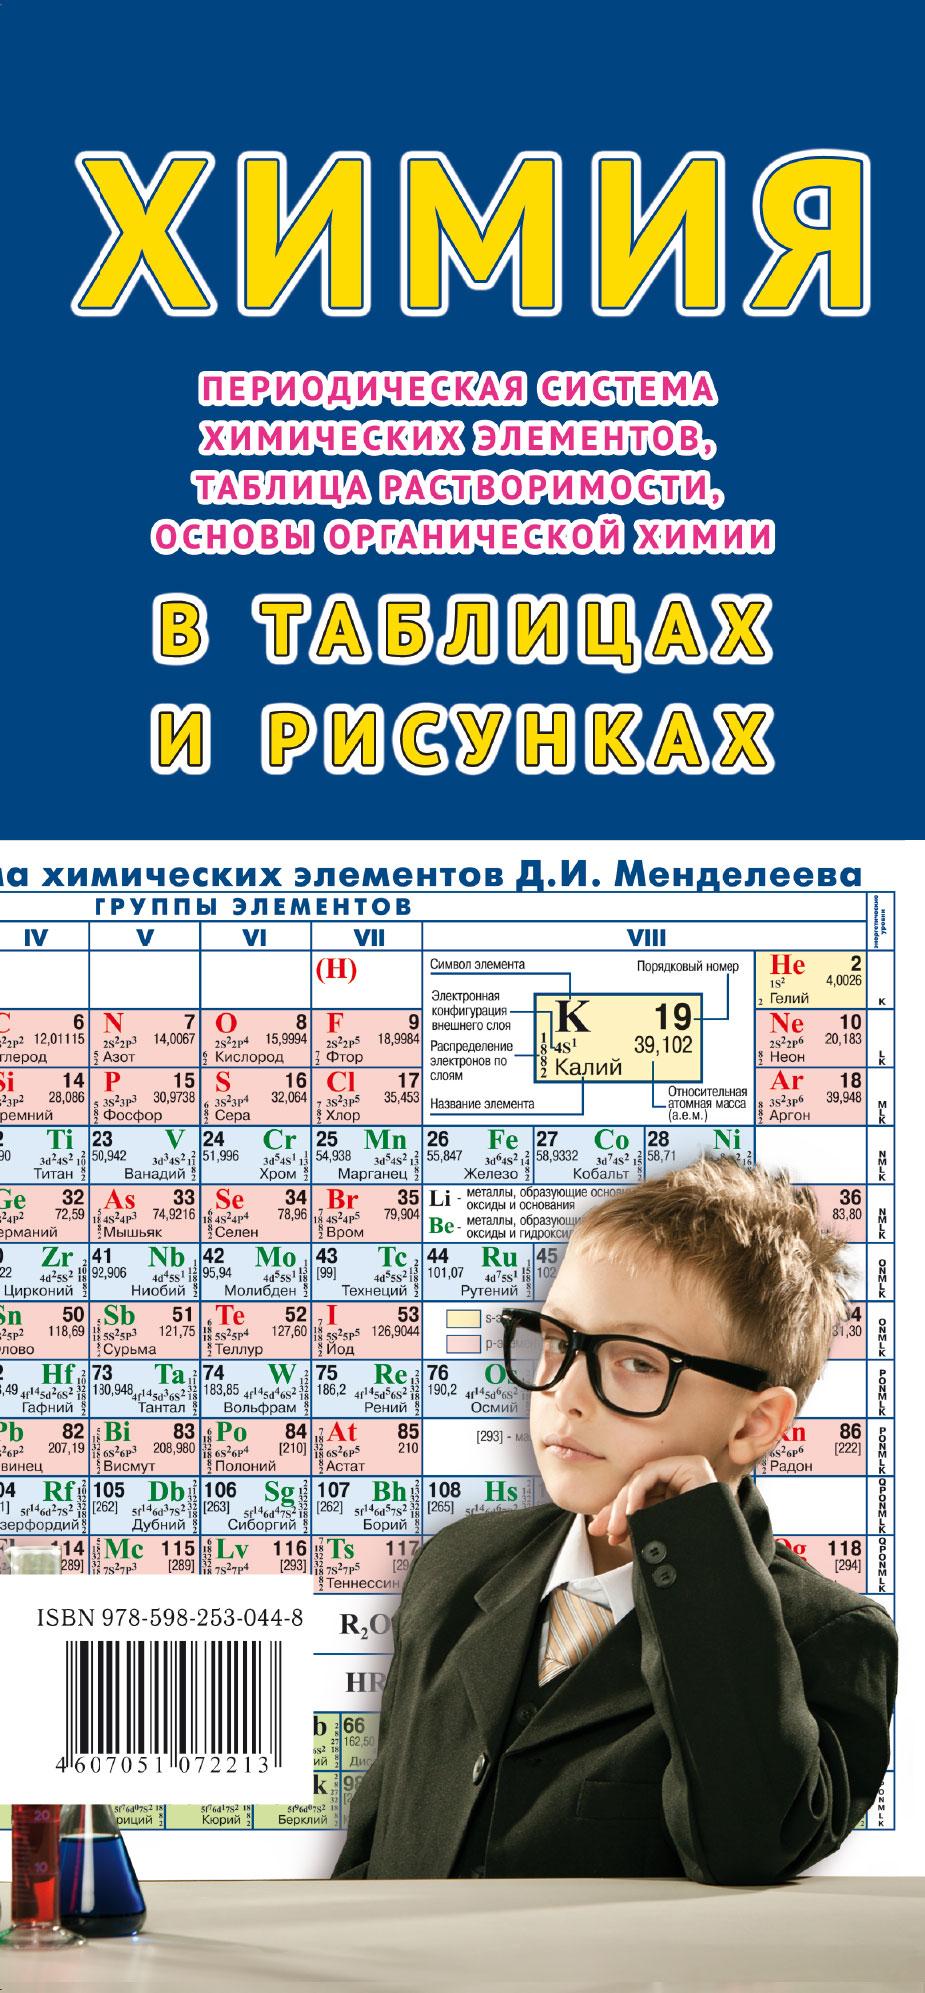 Складное справочно-информационное издание «Химия в таблицах и рисунках»